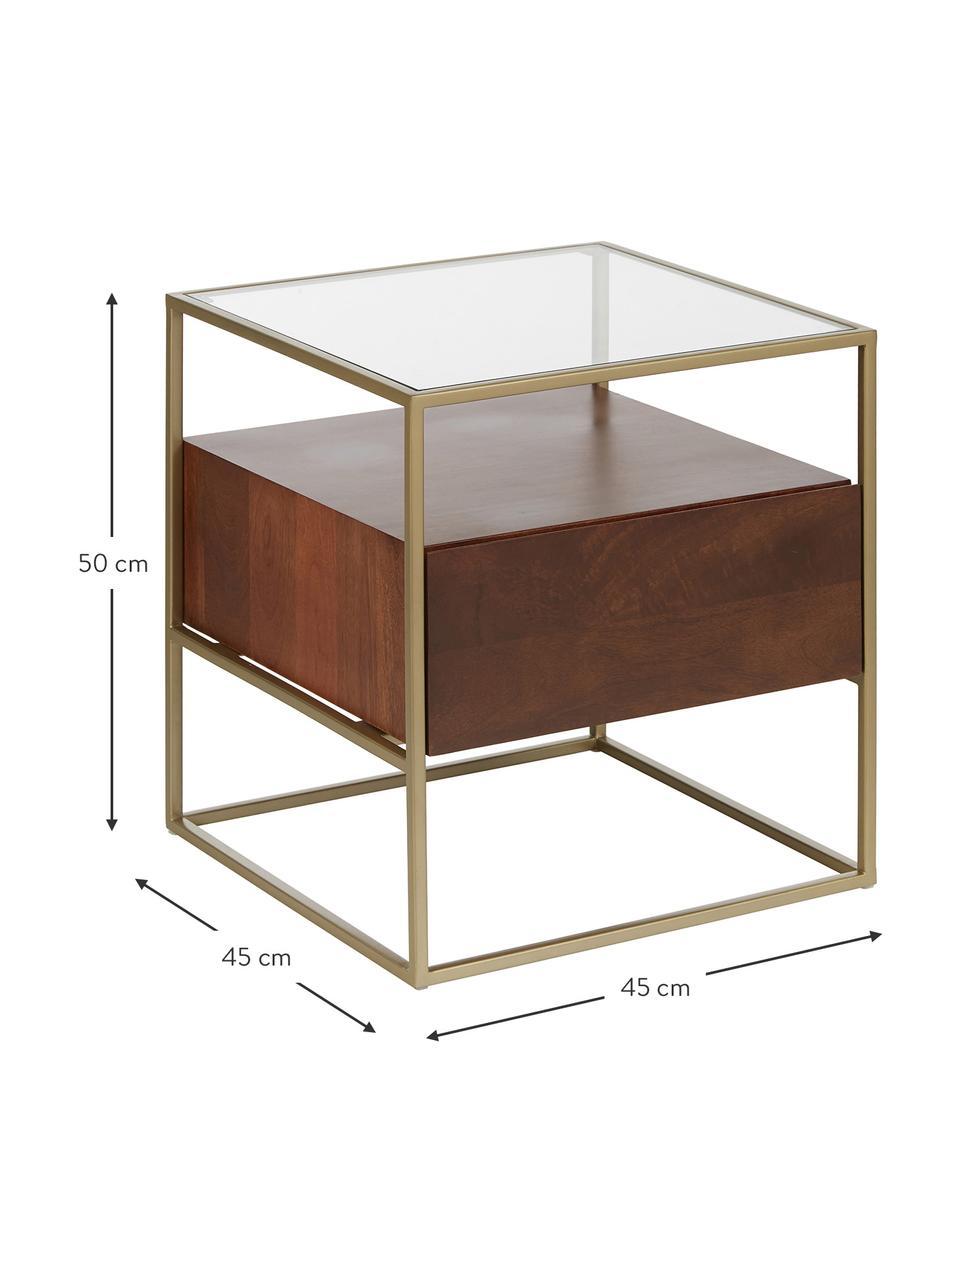 Stolik nocny Theodor, Blat: szkło, Stelaż: metal malowany proszkowo, Drewno mangowe, S 45 x W 50 cm